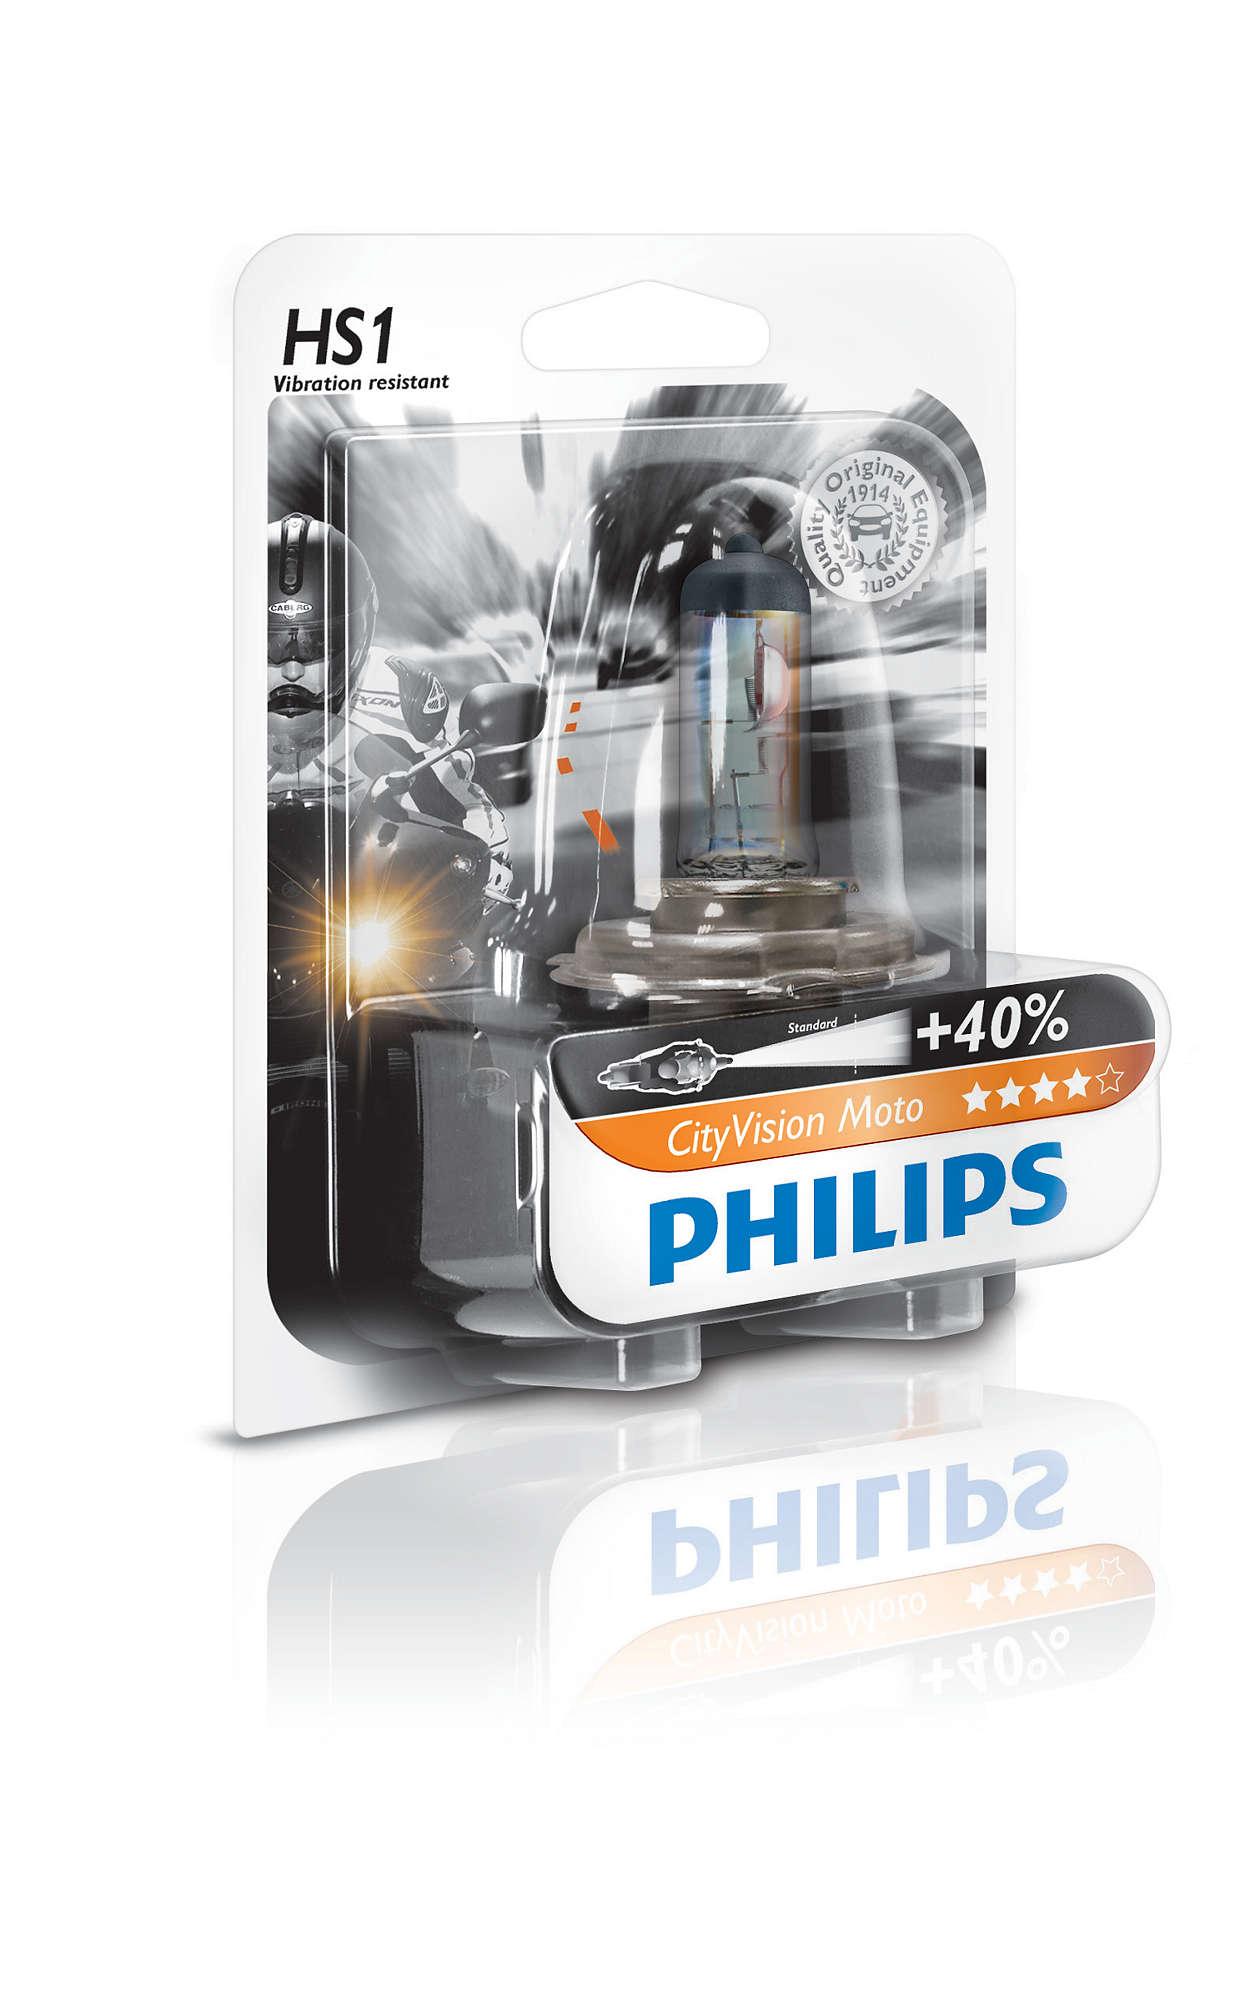 Lampada alogena philips hs1 cityvision moto 12v for Lampada alogena